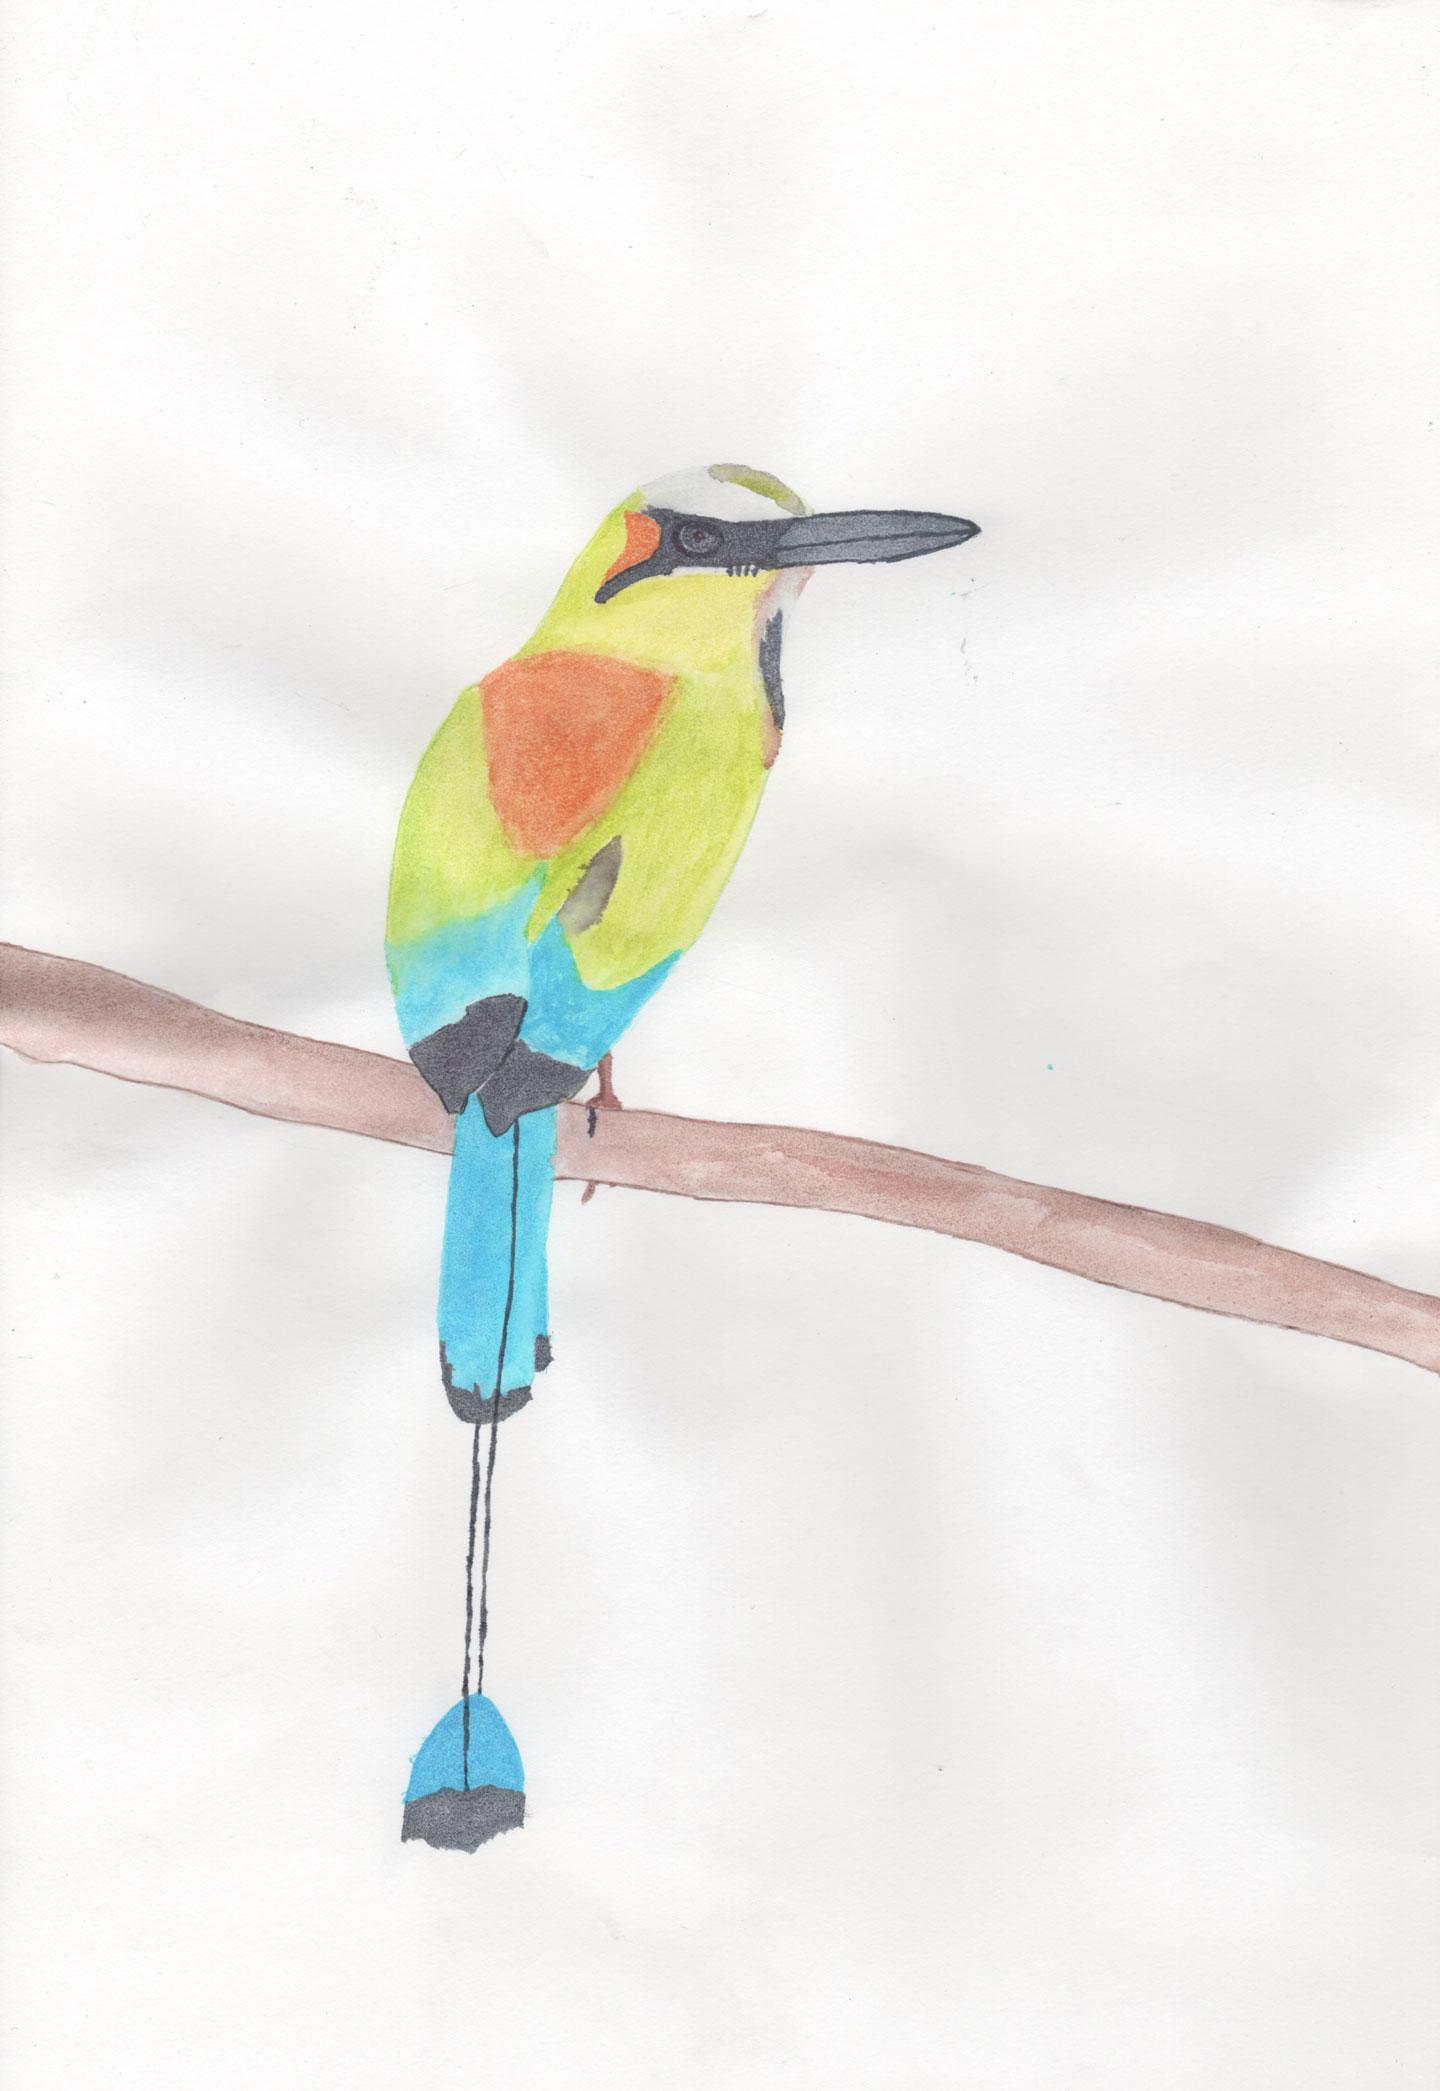 Bird_Ederson_01